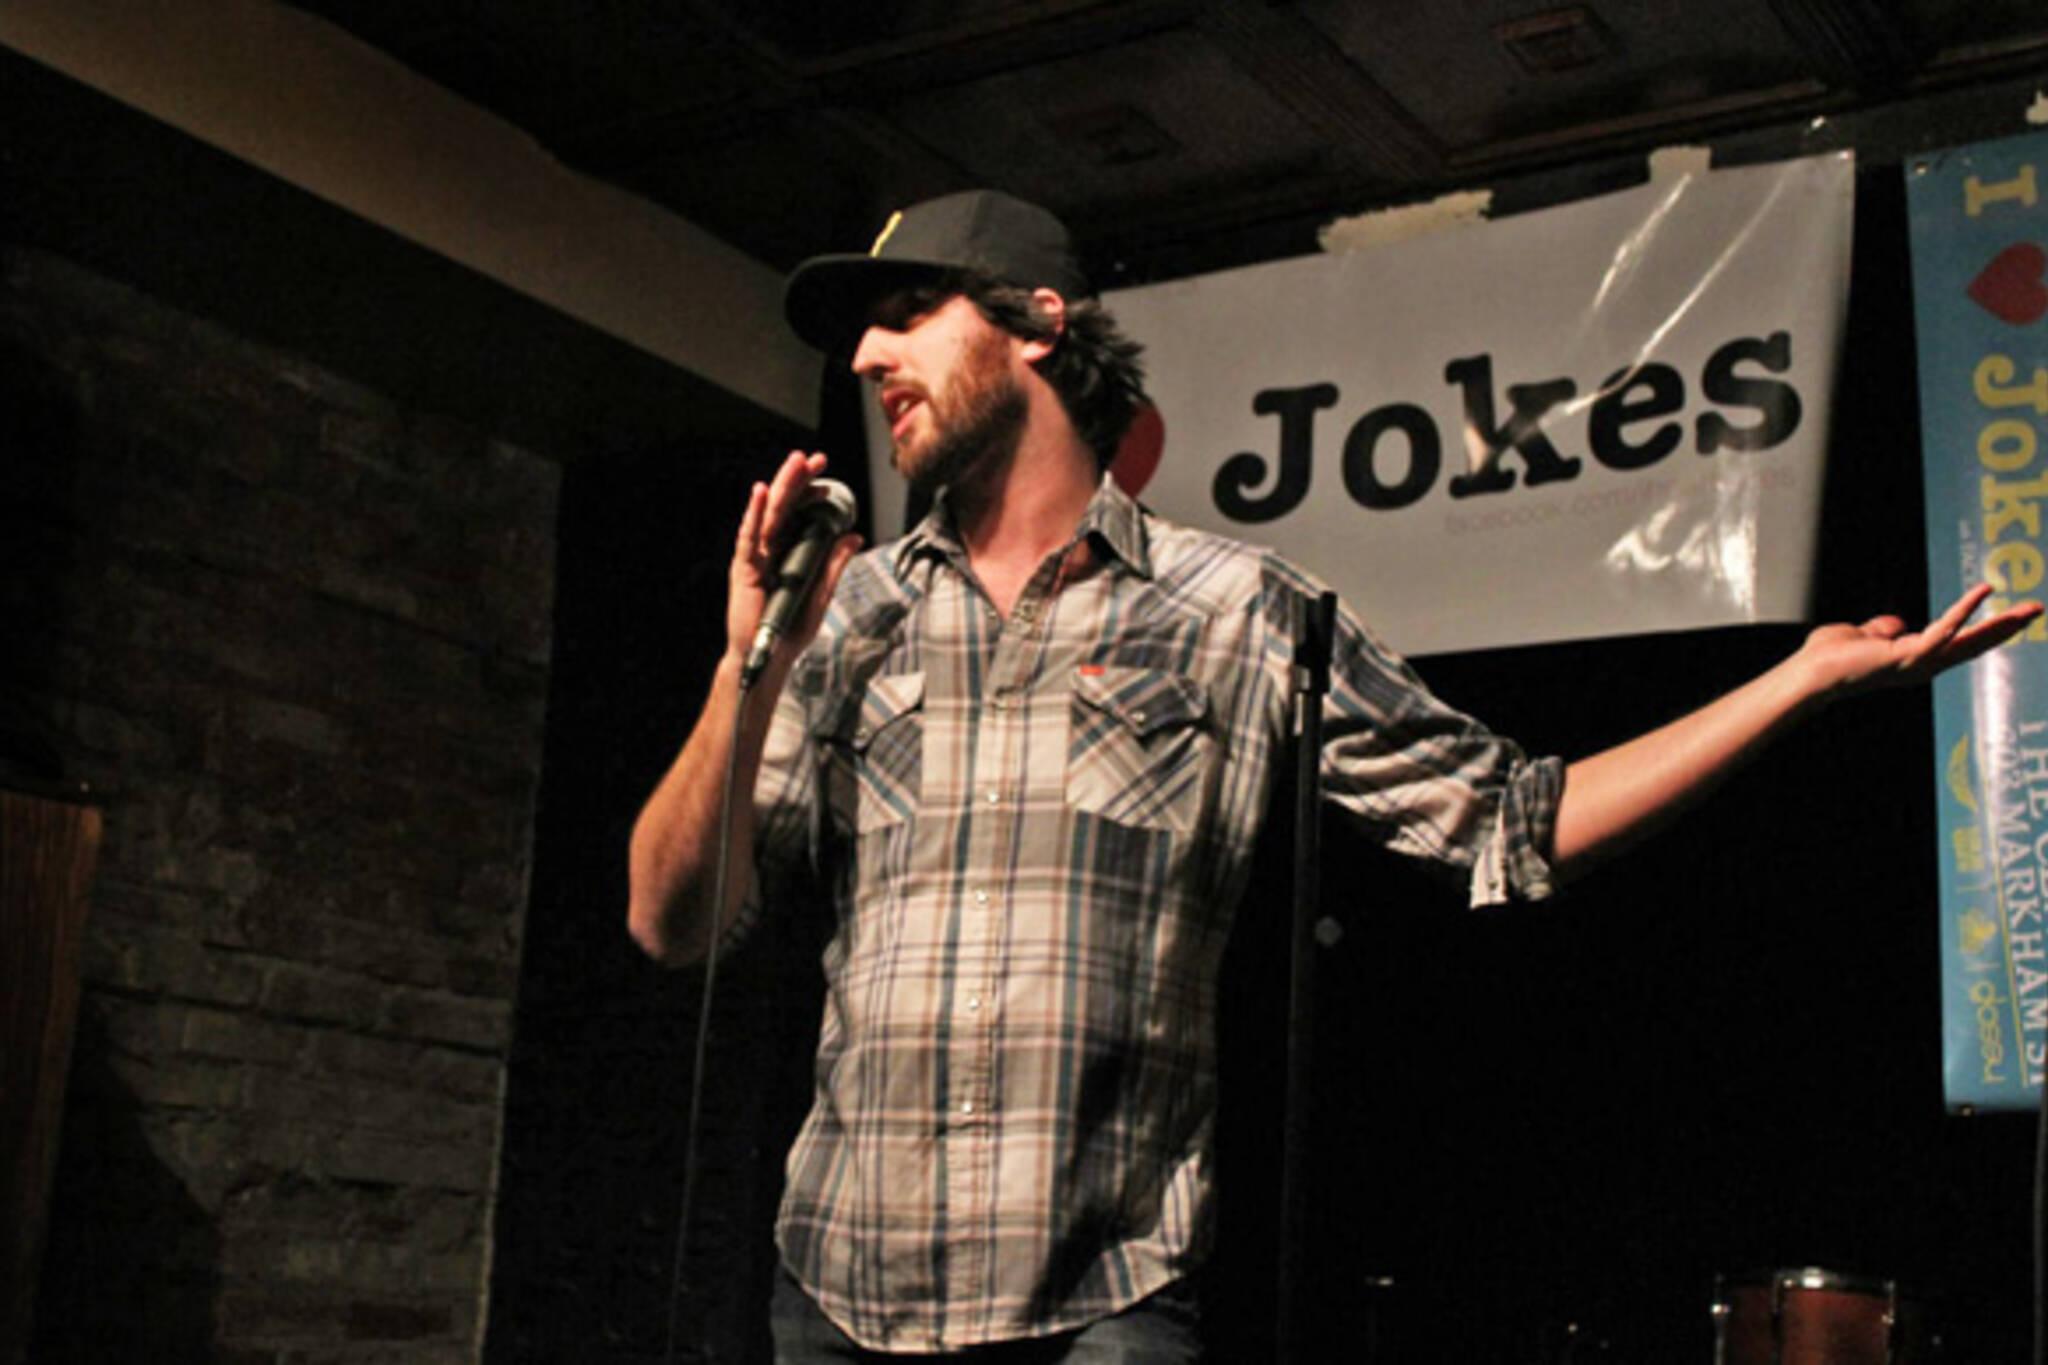 Comedy Toronto